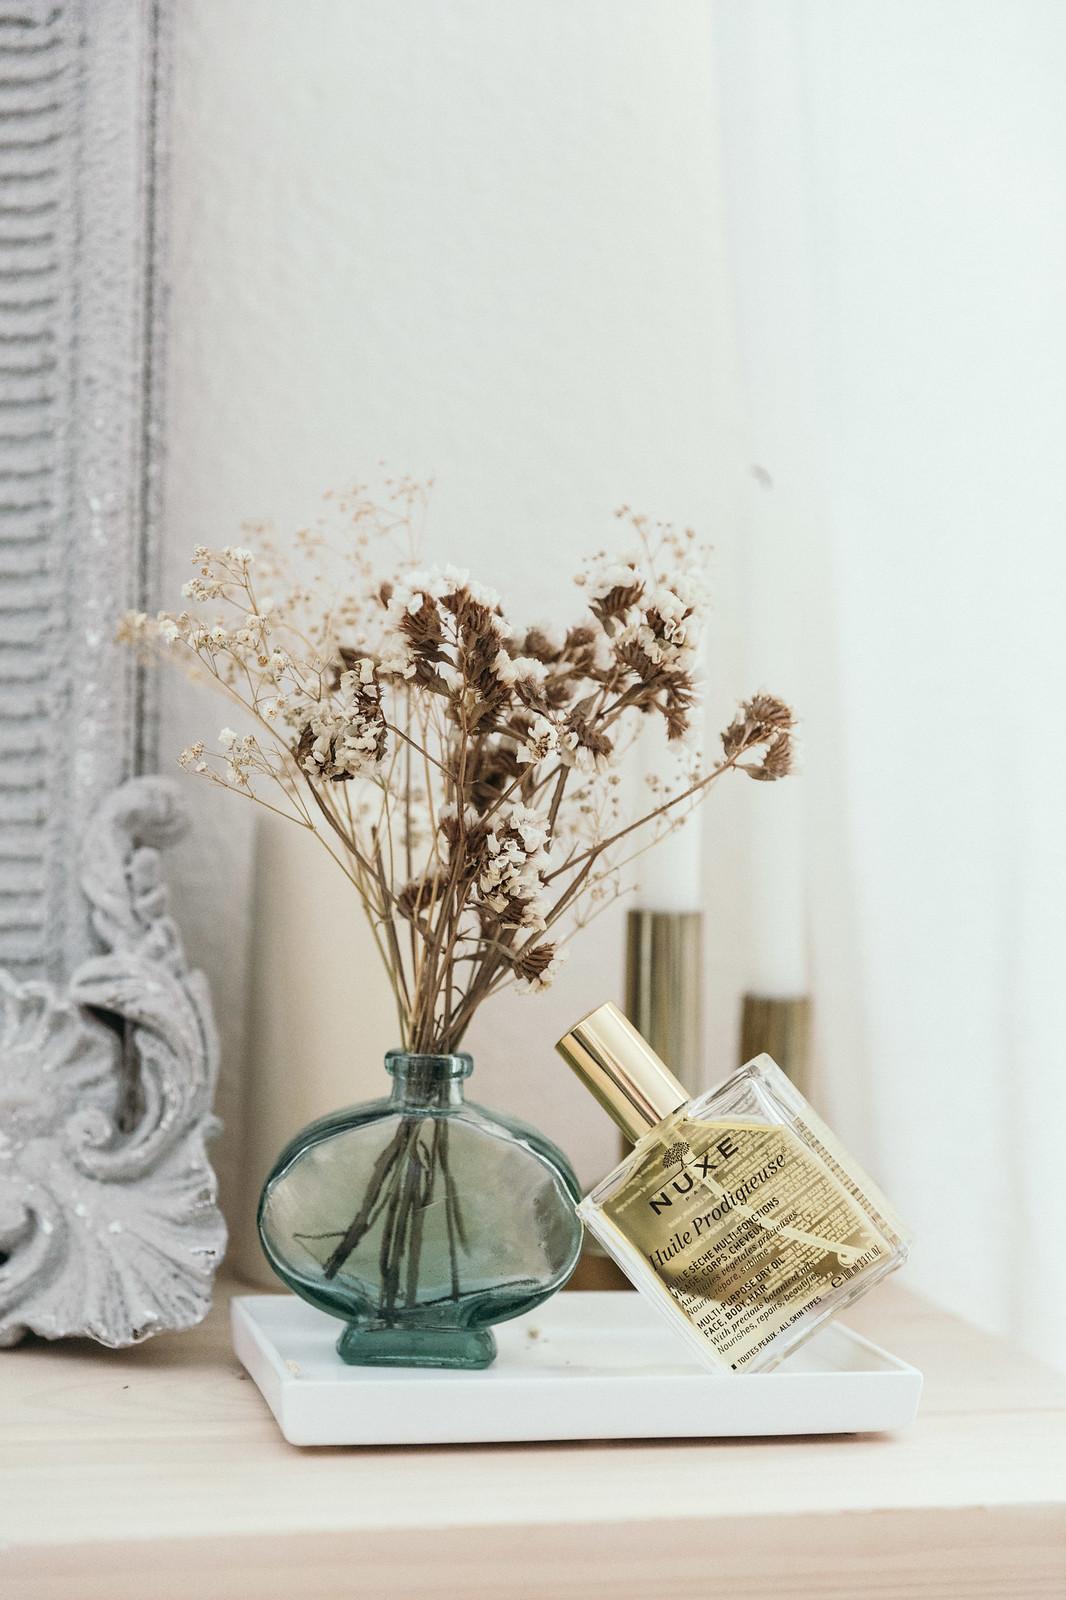 seams for a desire - jessie chanes - crema de calabaza - almiron-5